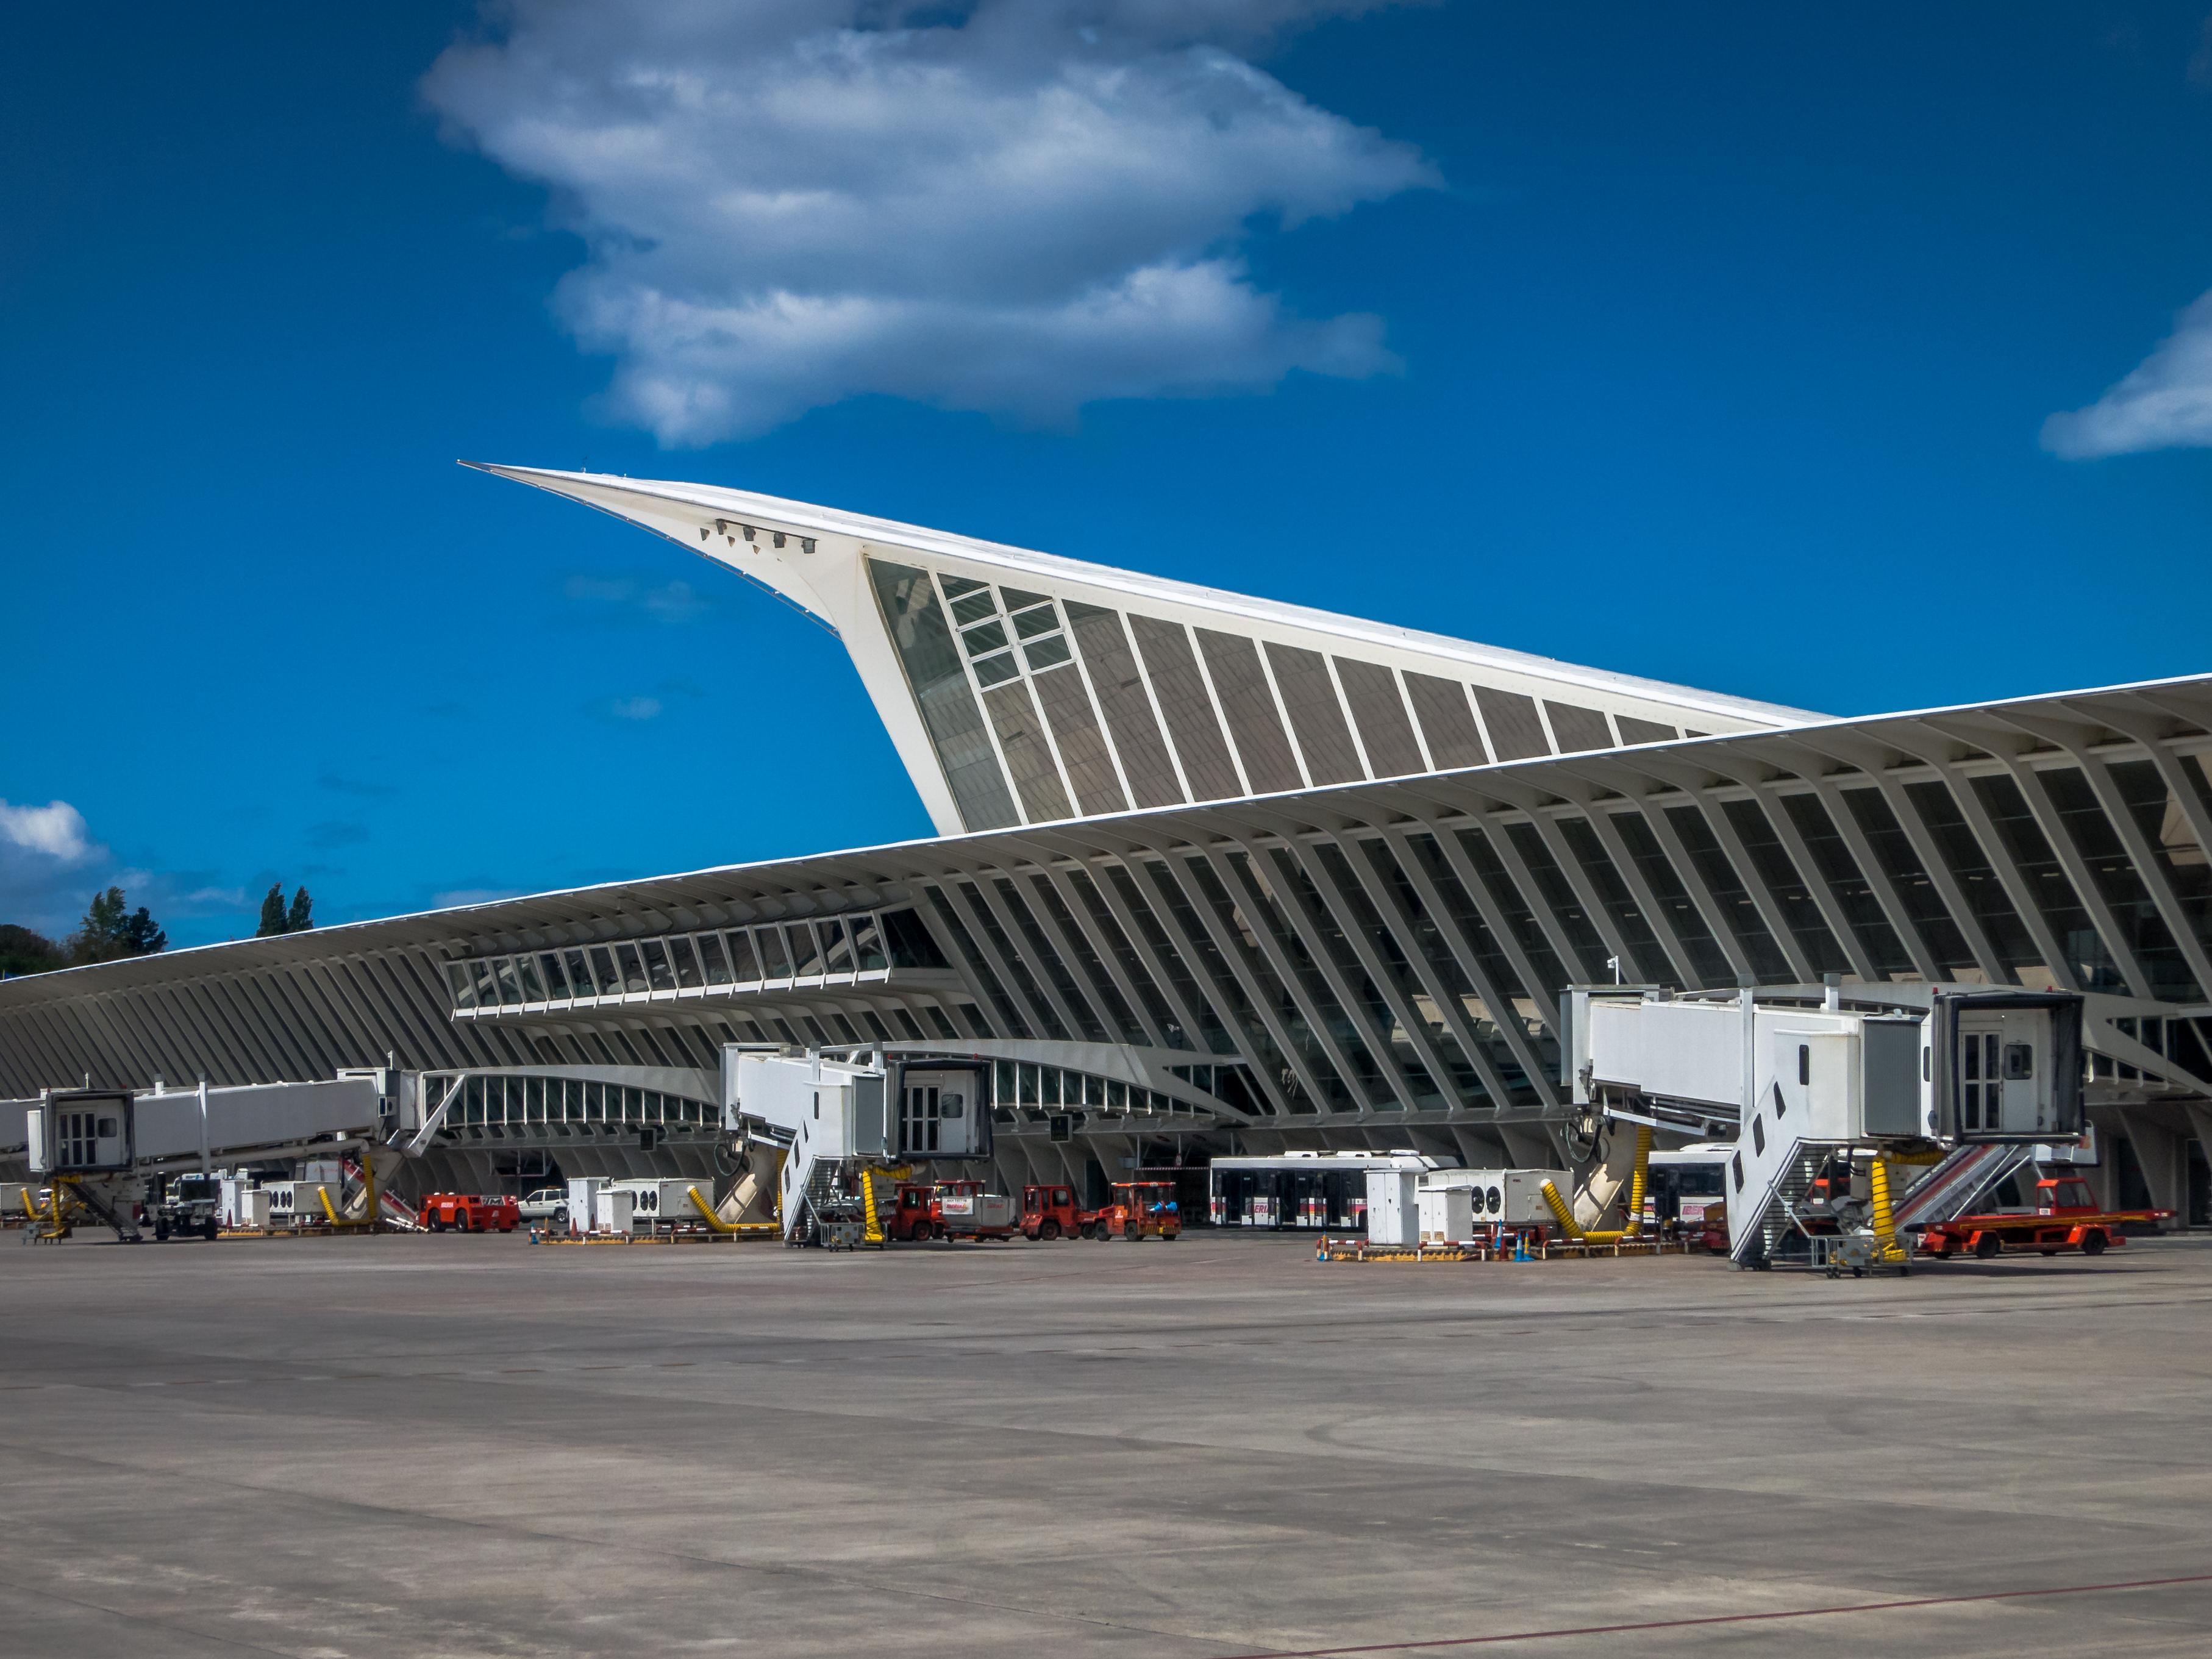 Aeropuerto de Bilbao - Wikipedia, la enciclopedia libre